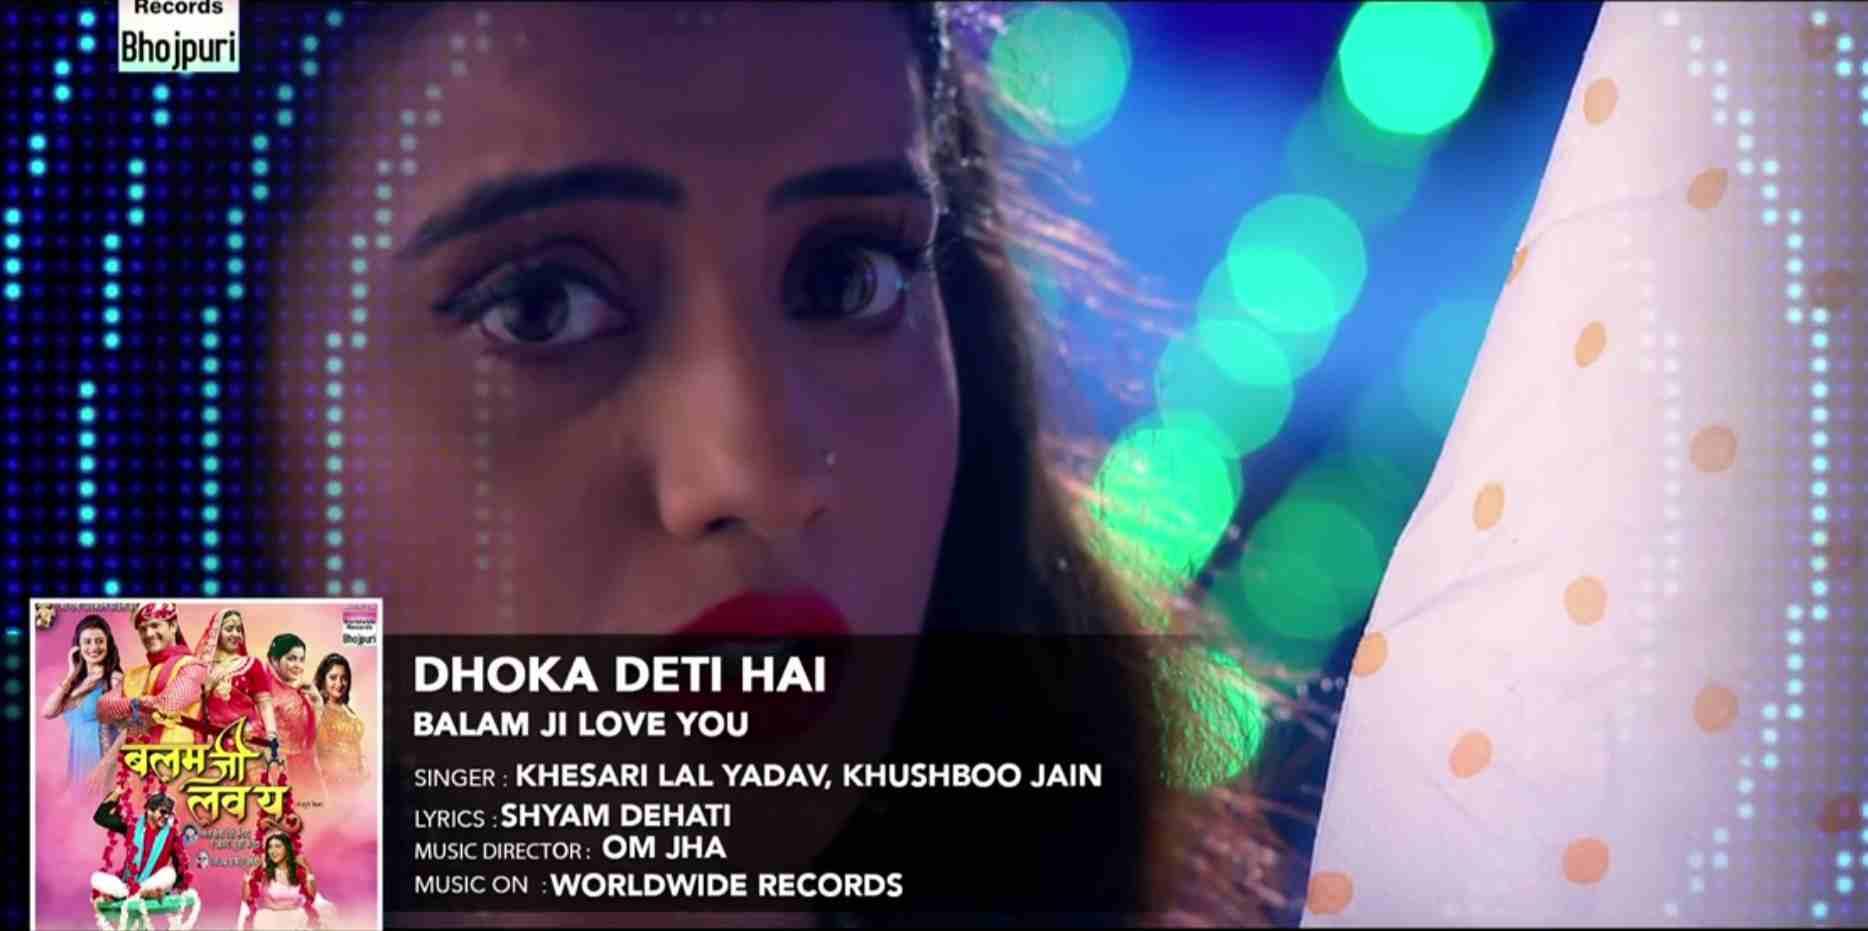 Akshara singh song dhoka deti hai